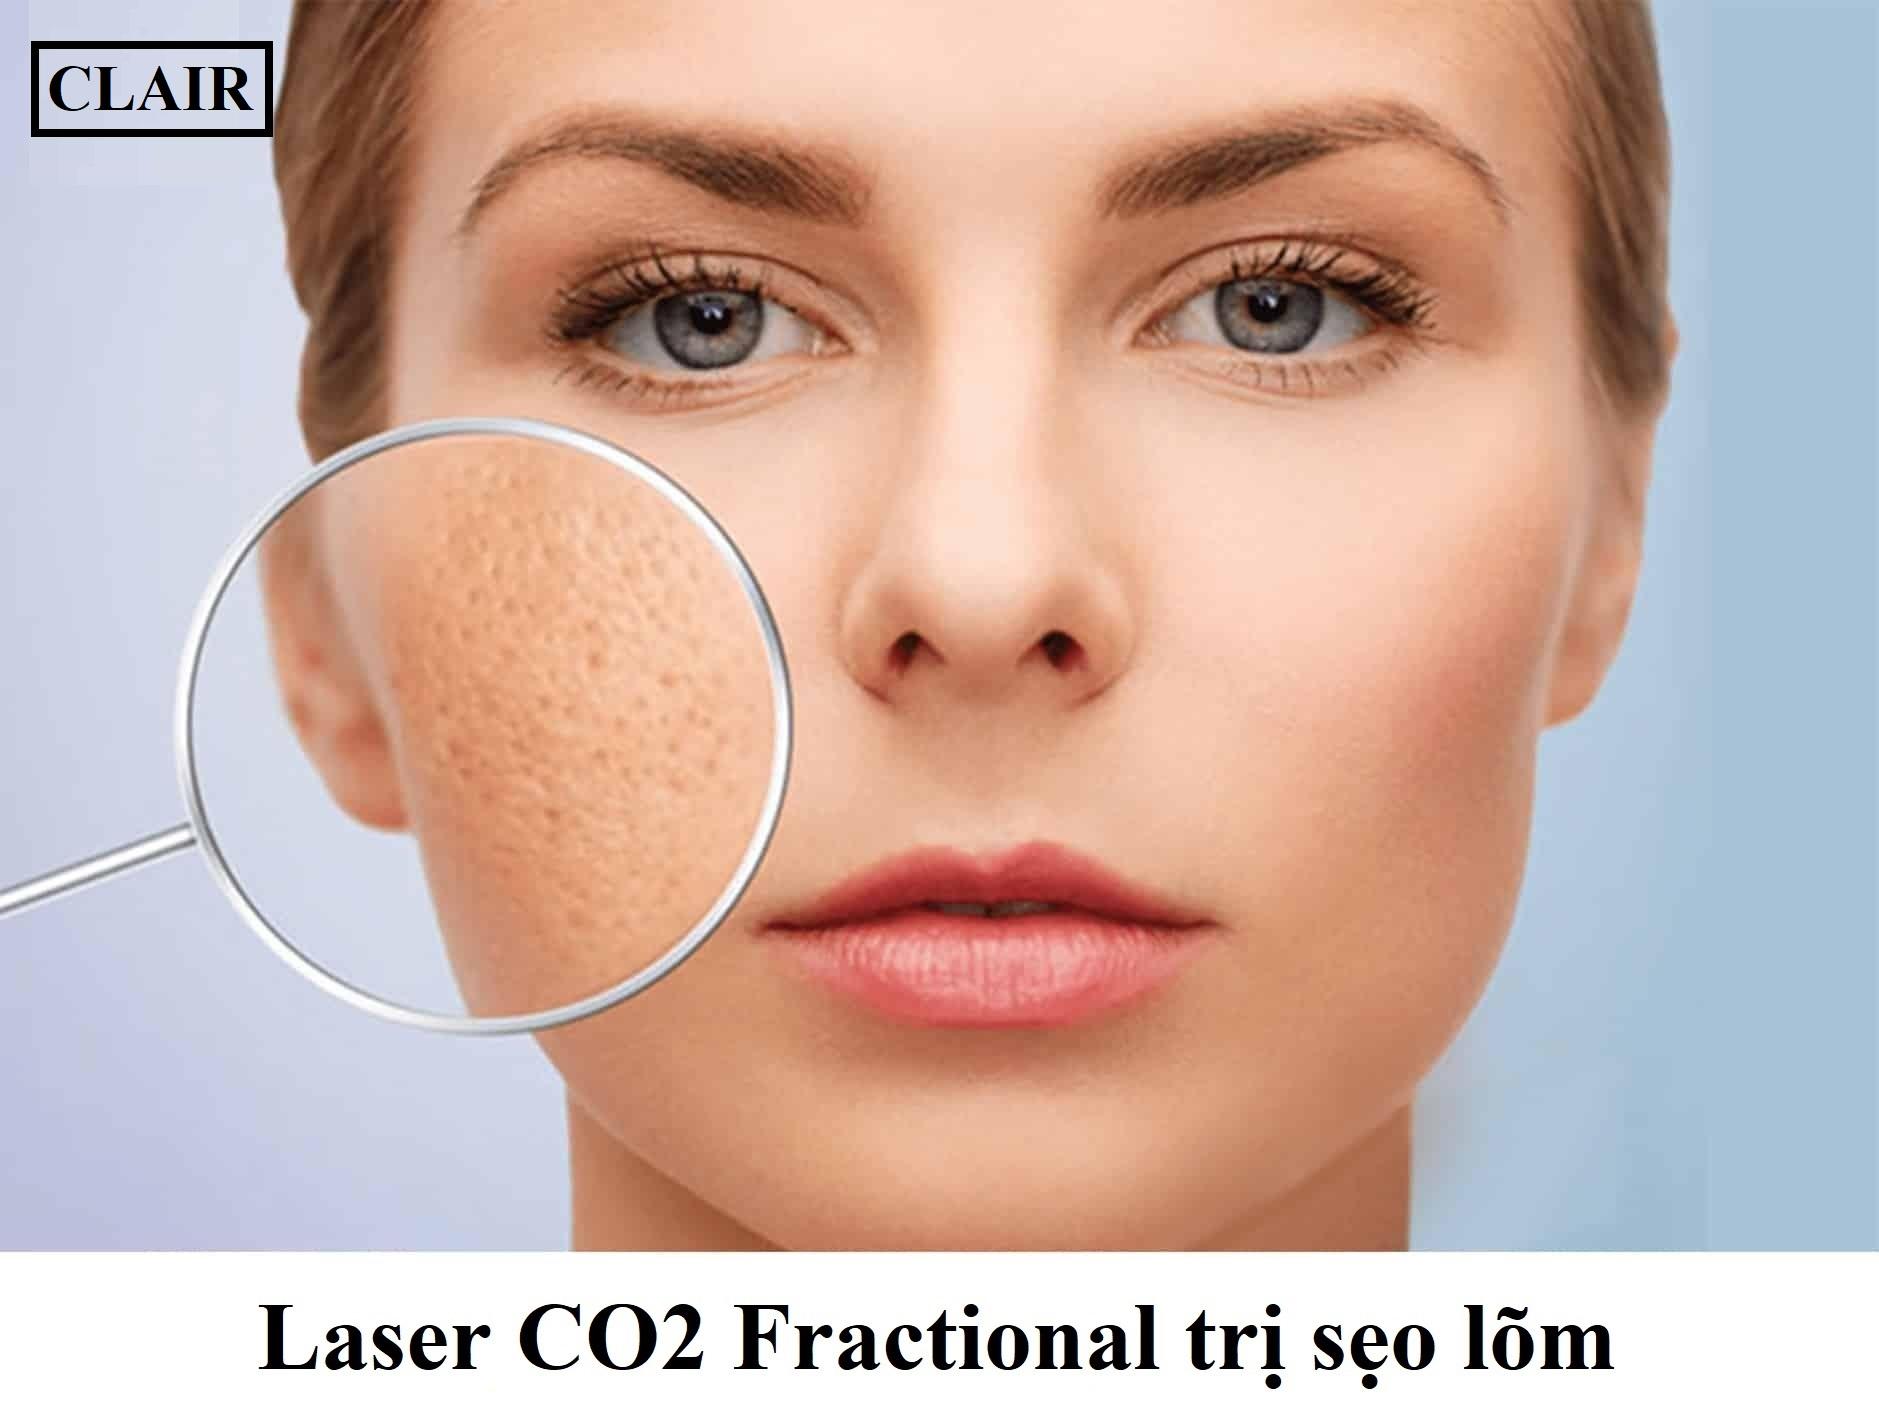 Tác dụng phụ khi sử dụng laser co2 fractional trị sẹo lõm